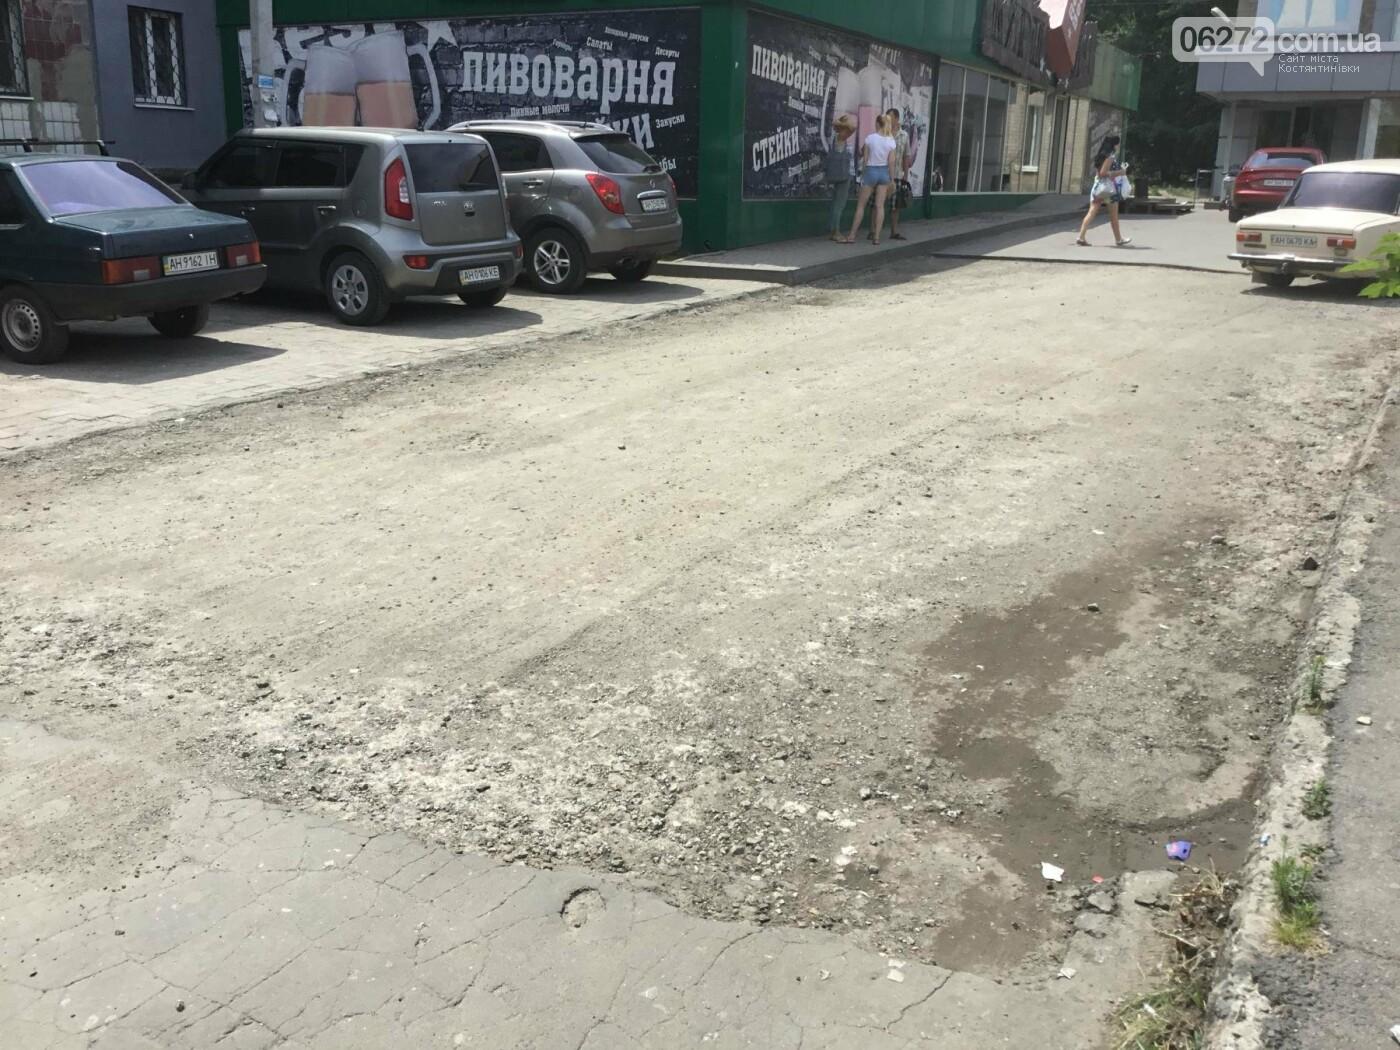 В Константиновке ремонтируют дорогу, фото-9